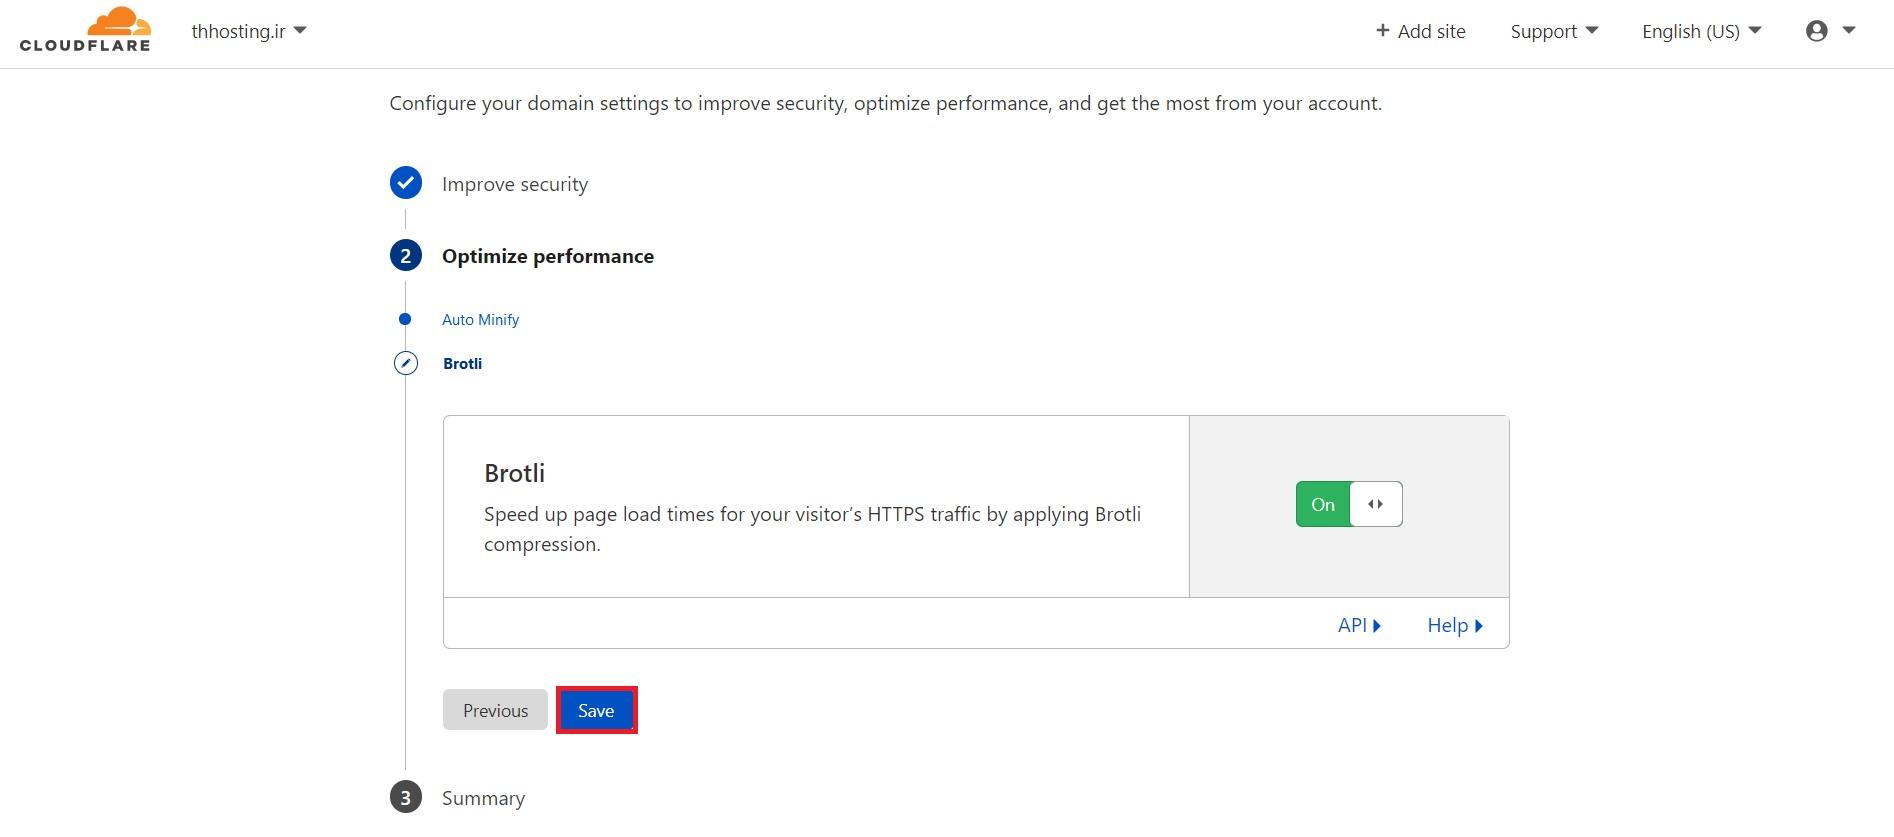 بخشImprove security در آموزش فعالسازی CloudFlare